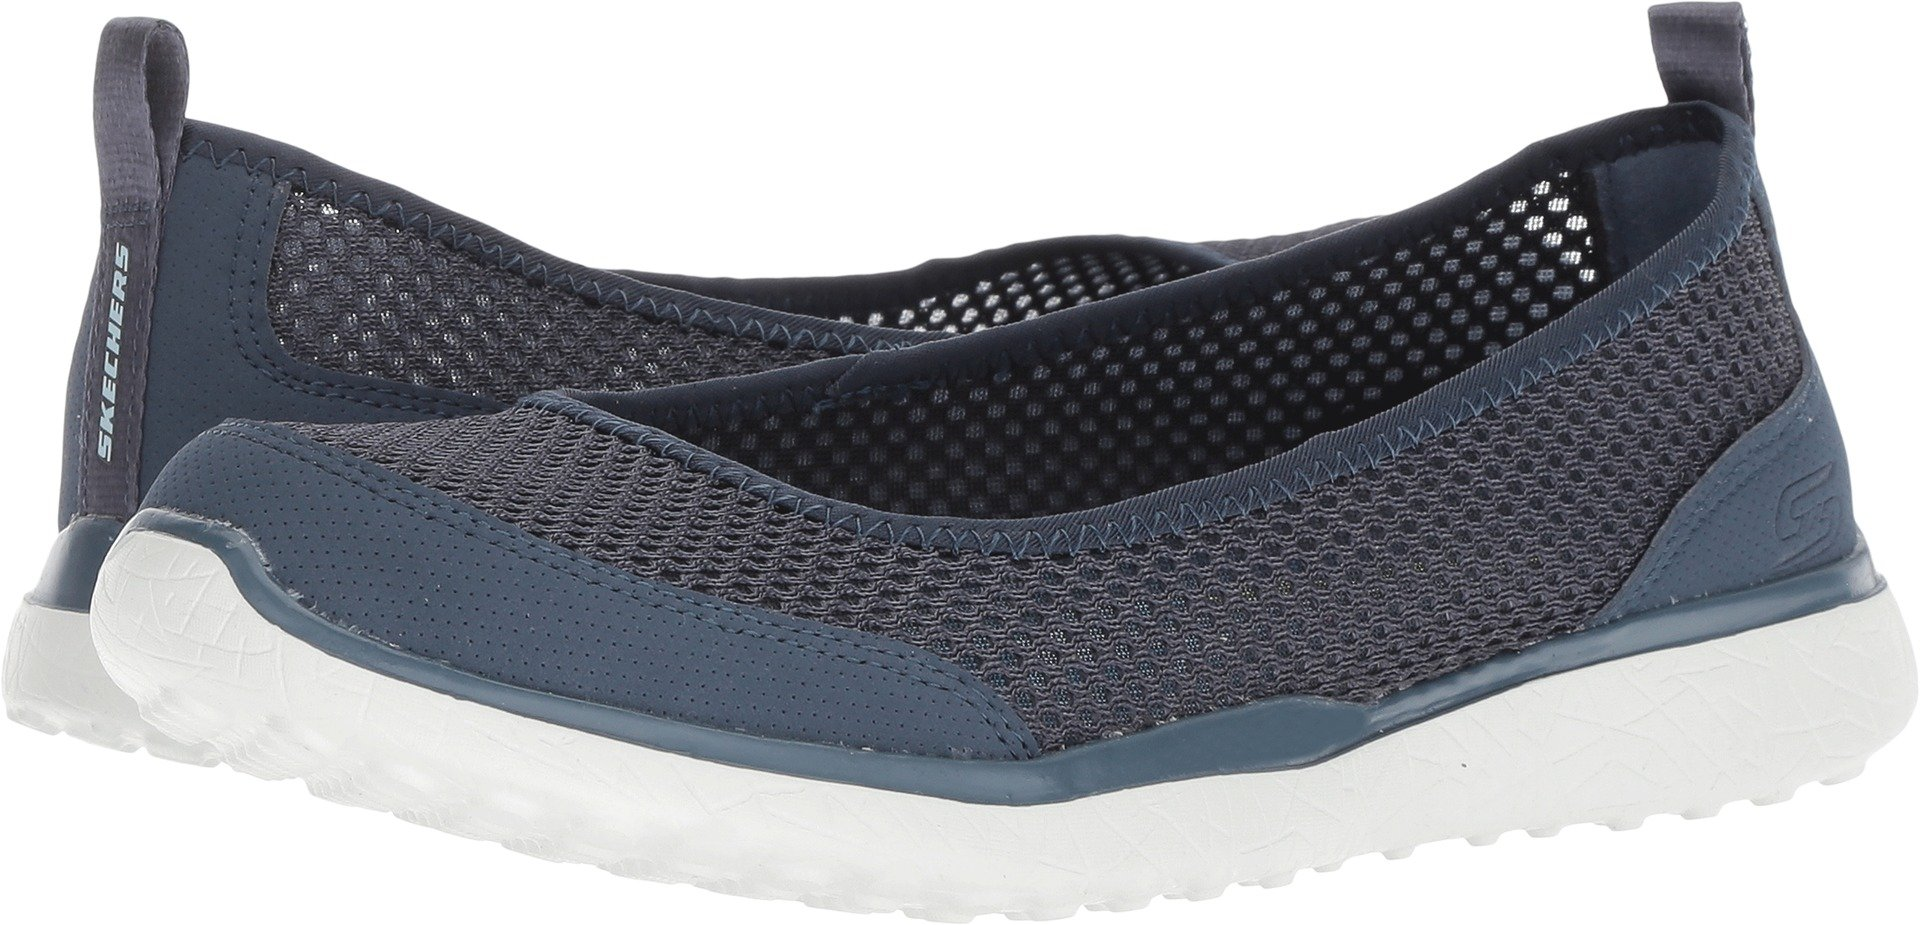 Skechers Microburst Sudden Look Womens Slip On Skimmer Sneakers Slate 10